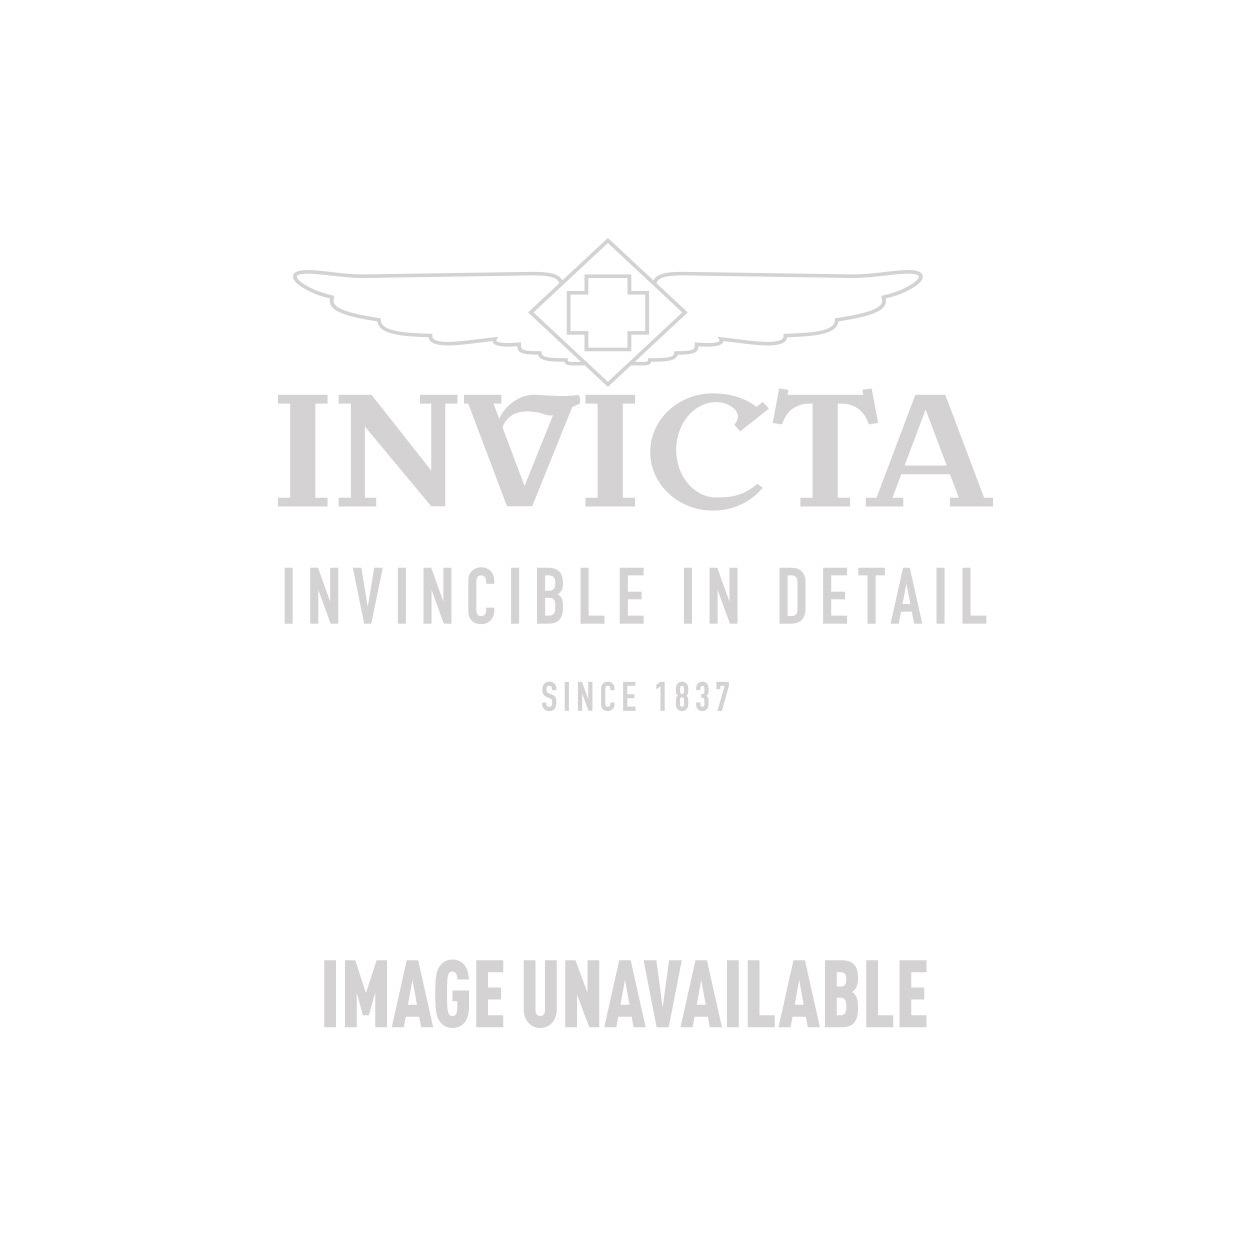 Invicta Model 23051